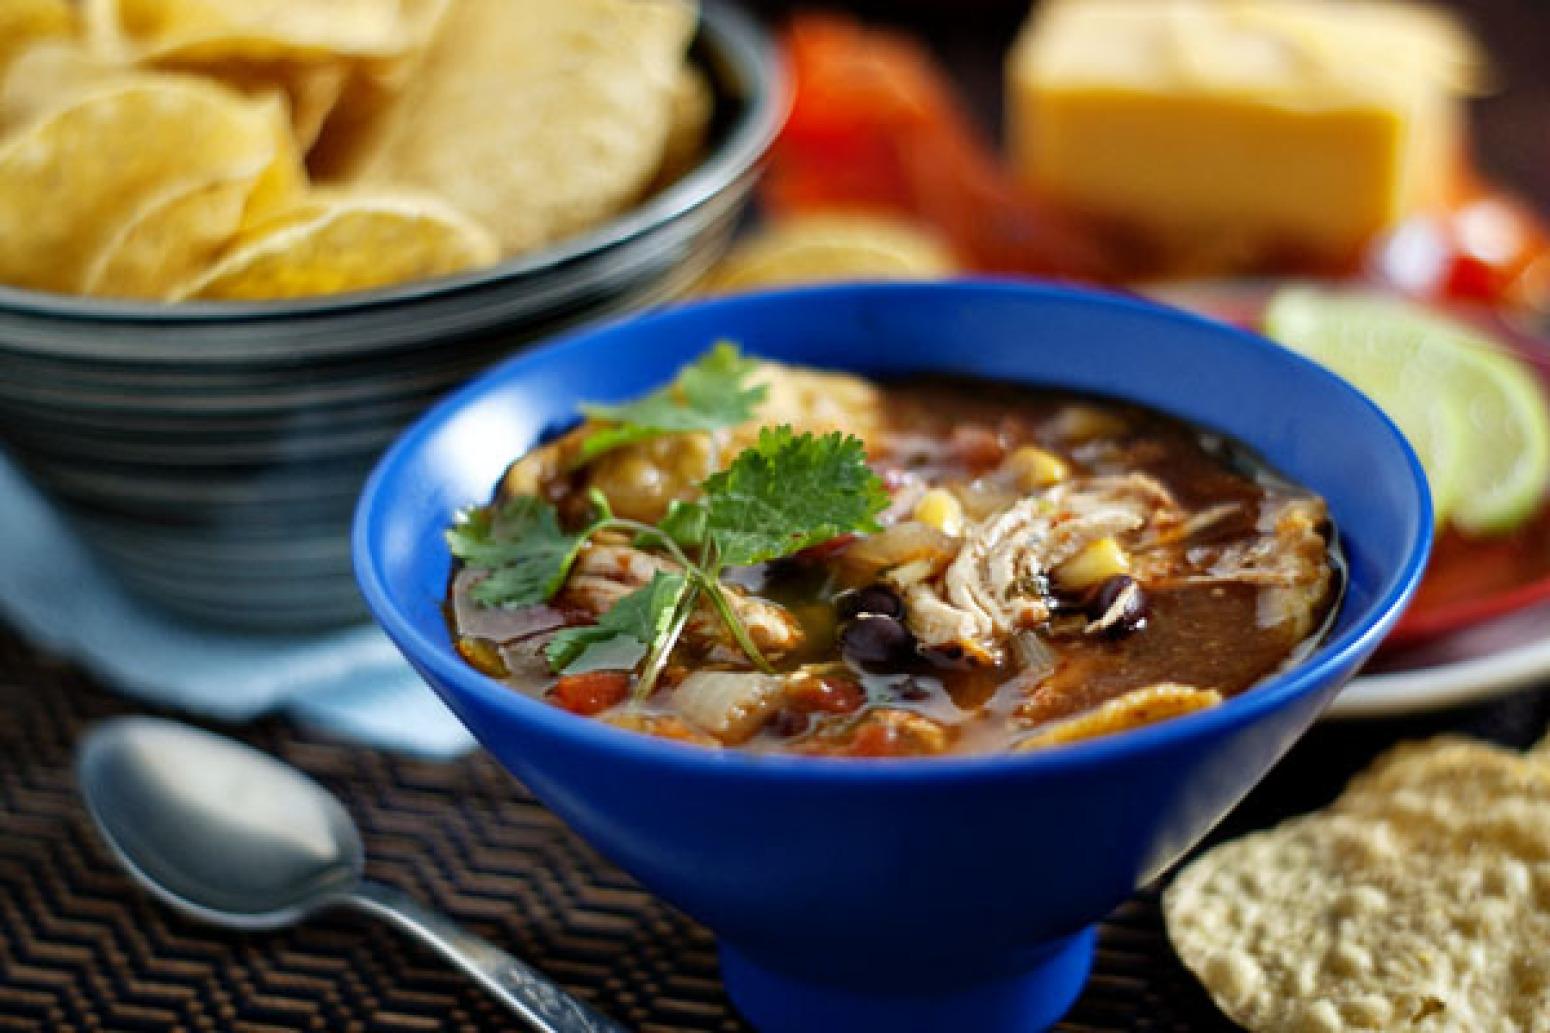 Fiesta Slow-Cooker Chicken Tortilla Soup Recipe 2 | Just A Pinch ...